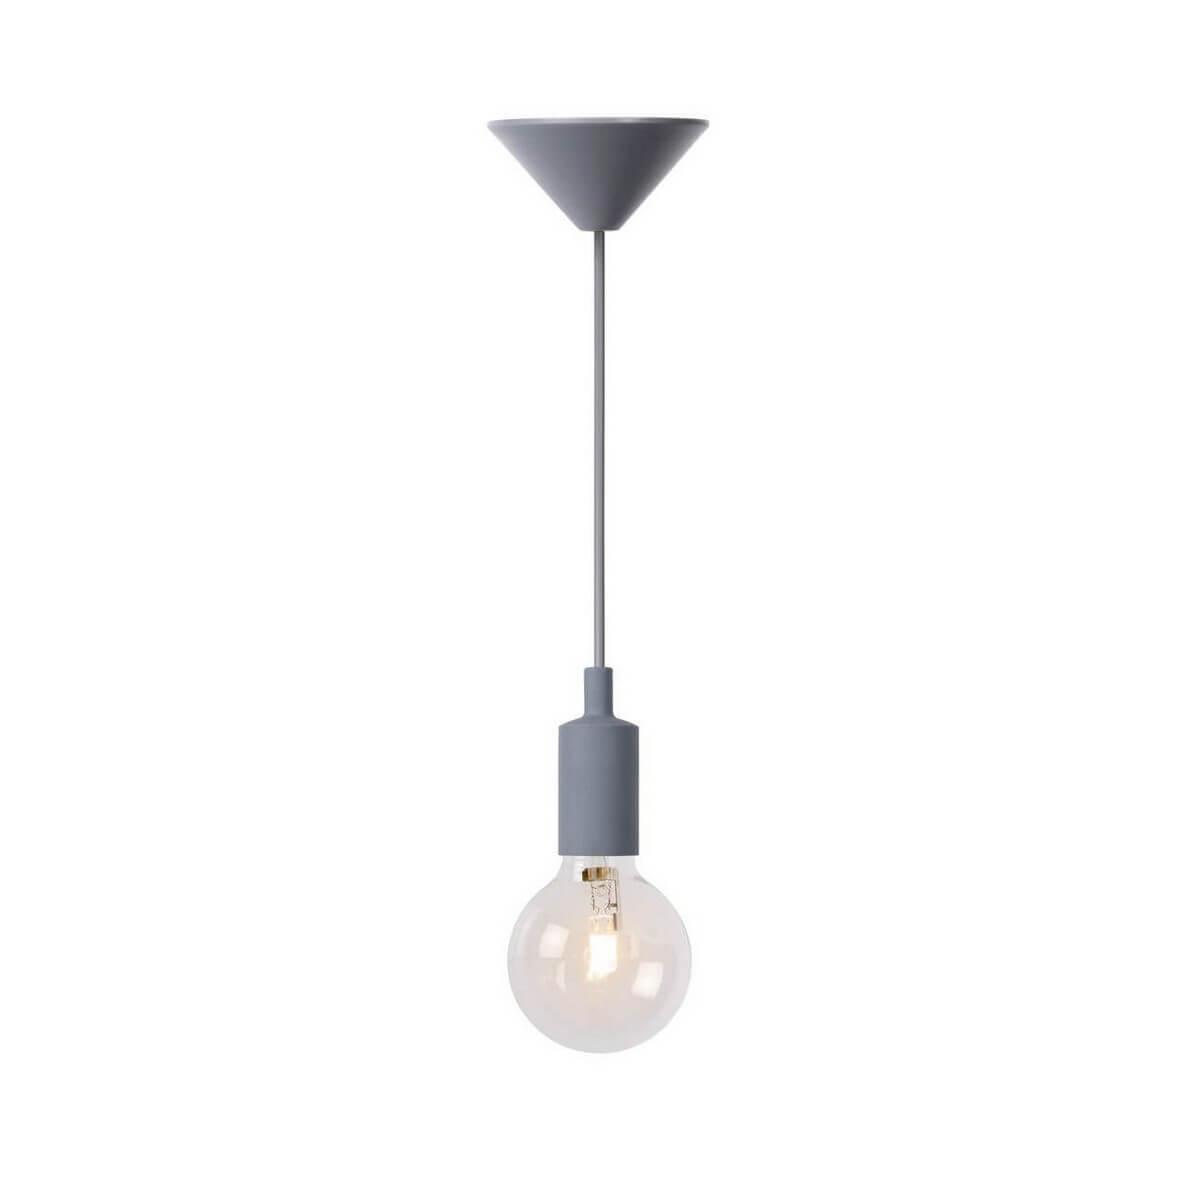 Подвесной светильник Lucide 08408/21/36, E27, 42 Вт